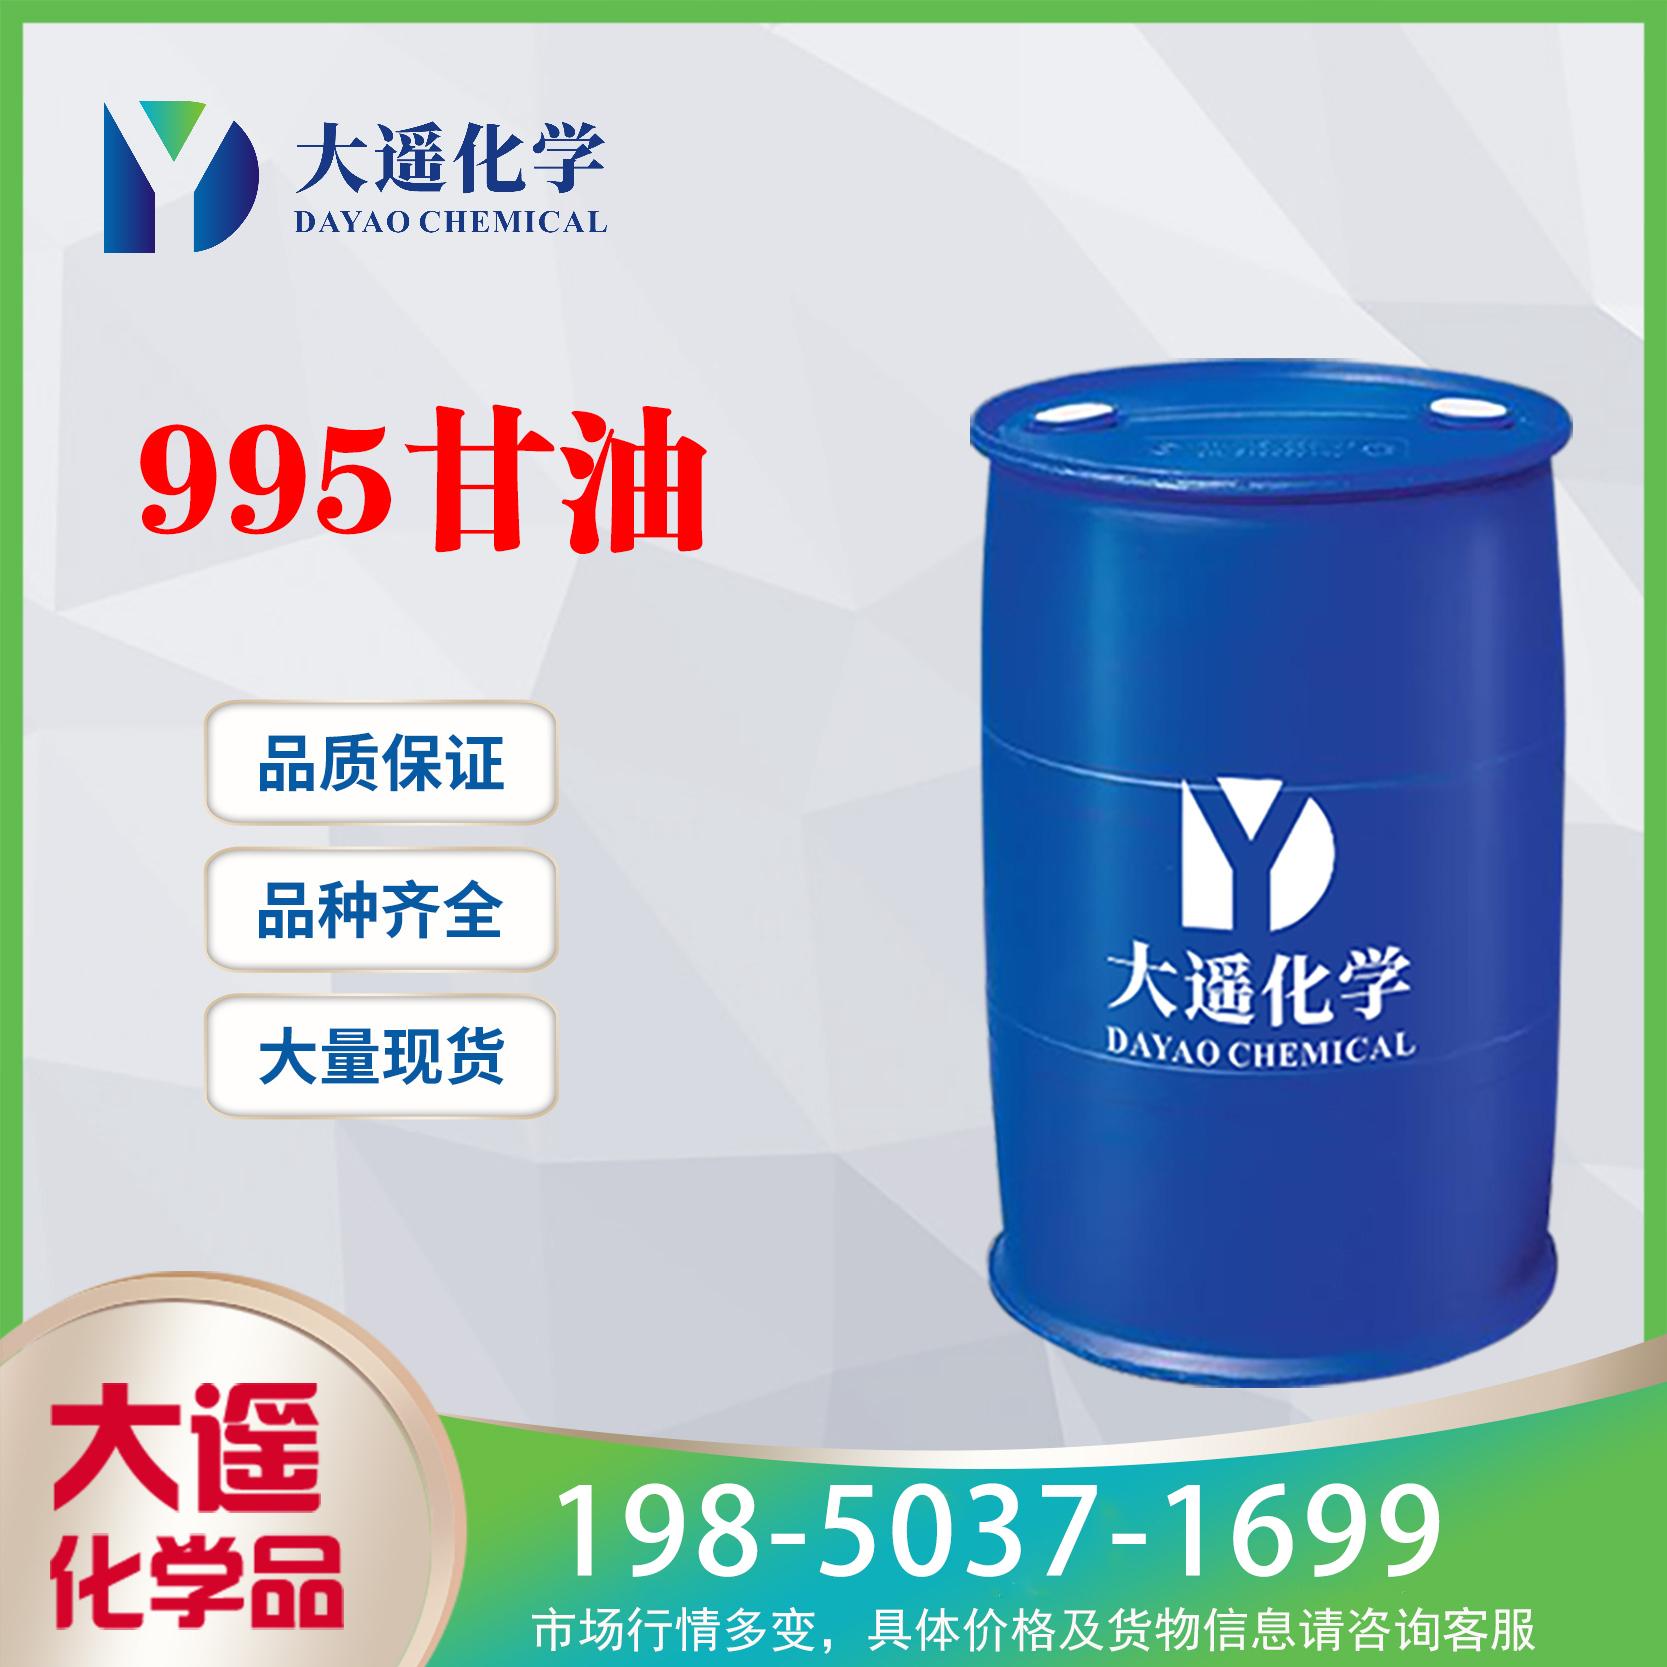 现货供应 995水解甘油 工业级甘油 丙三醇 250KG/桶 56-81-5